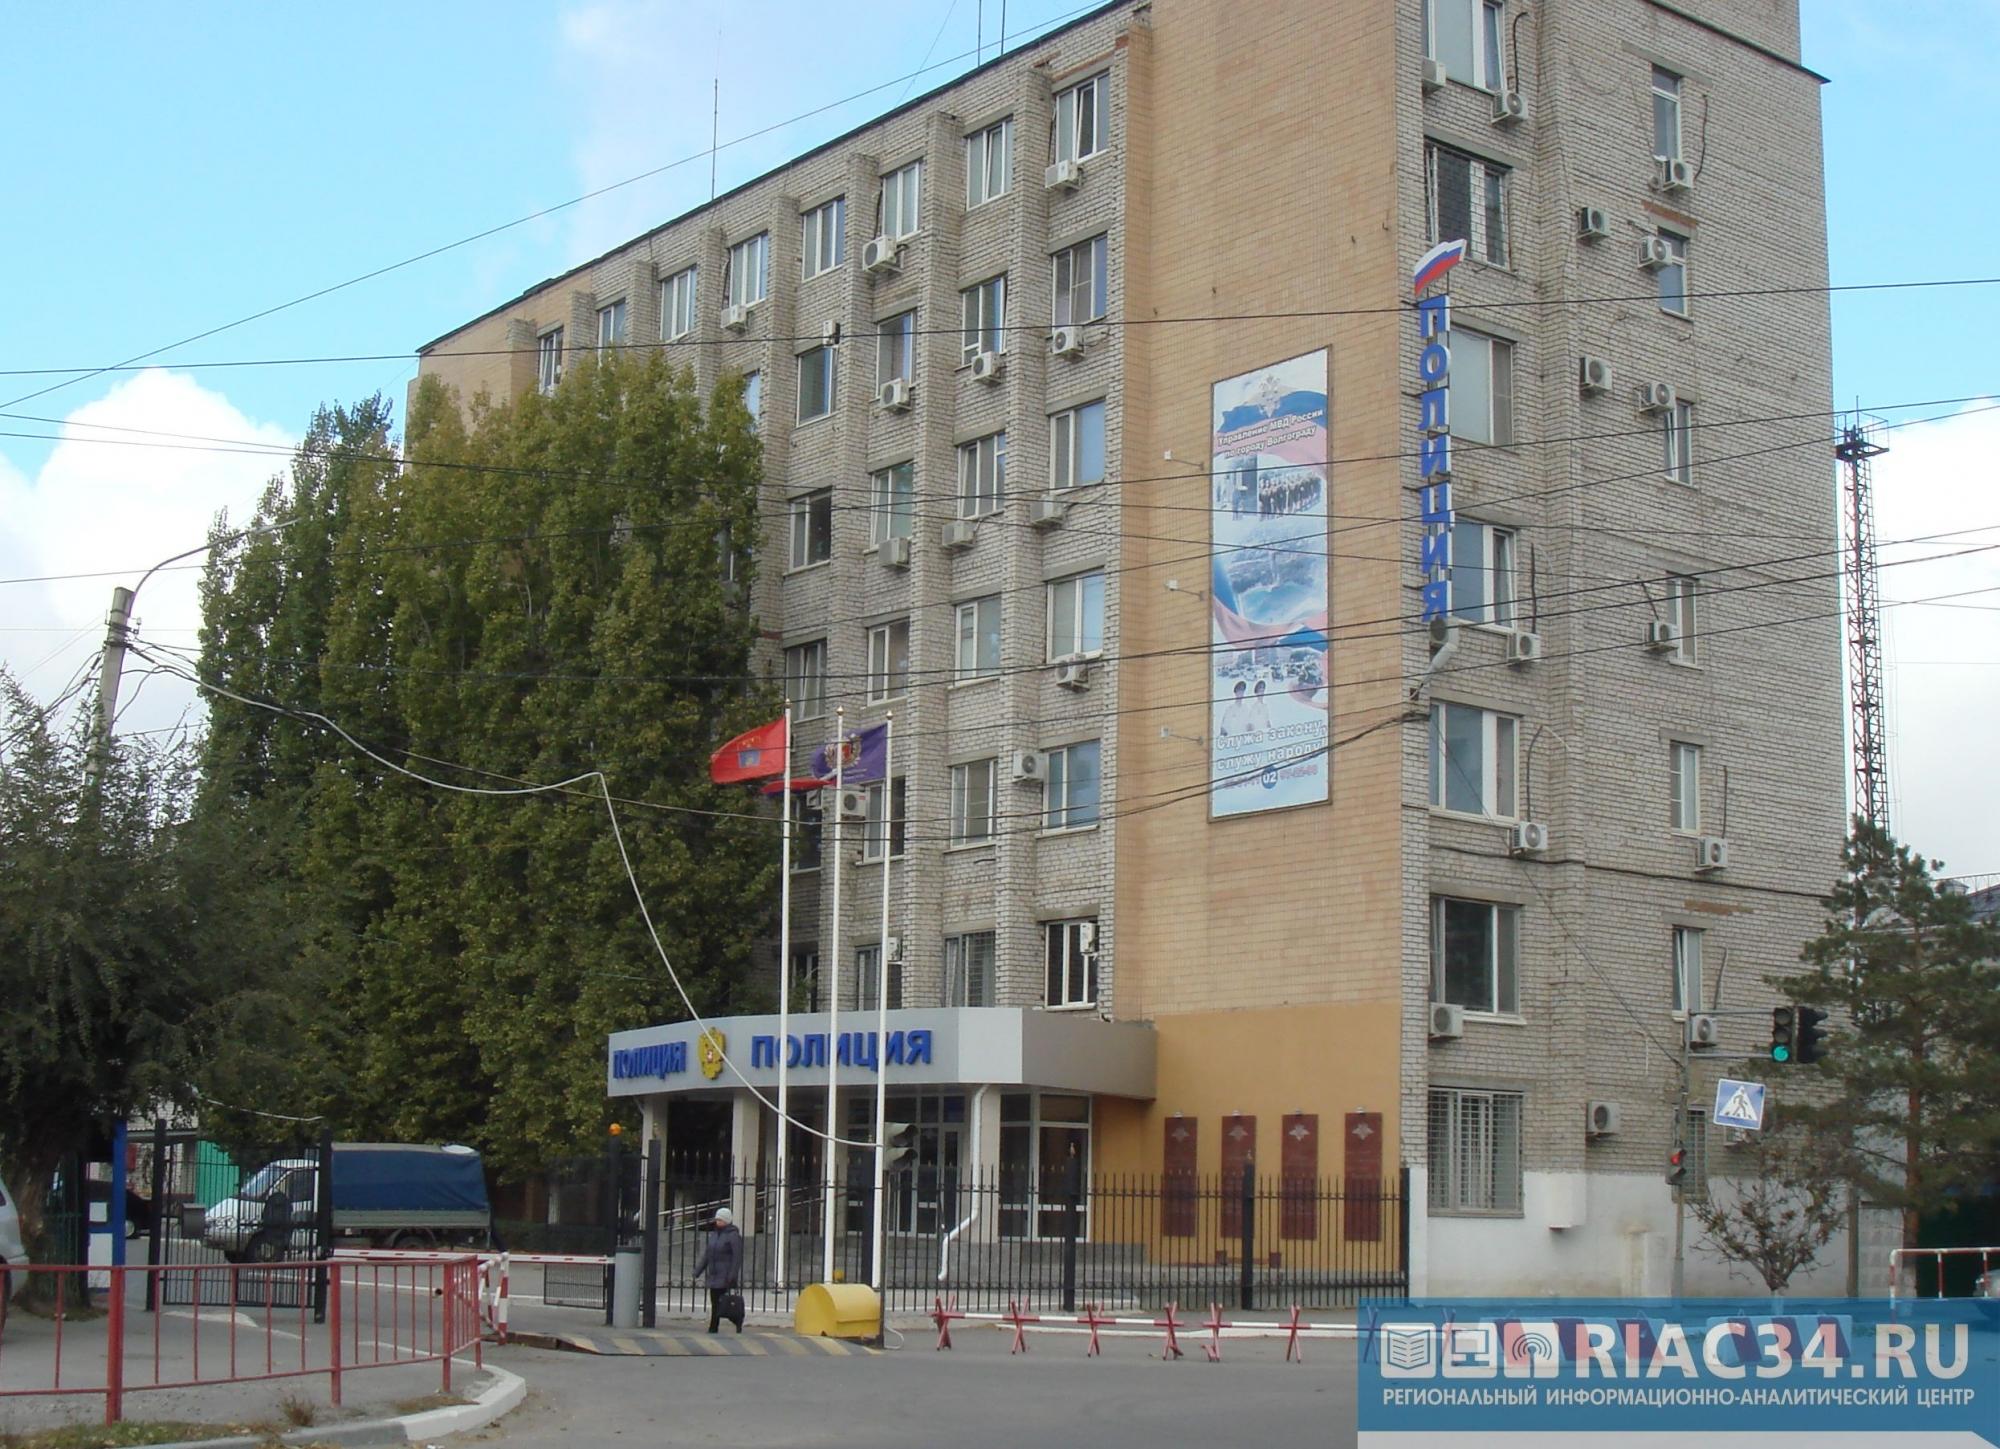 Граждане Владимирской области смогут выбрать лучшего участкового уполномоченного милиции в 2017-ом